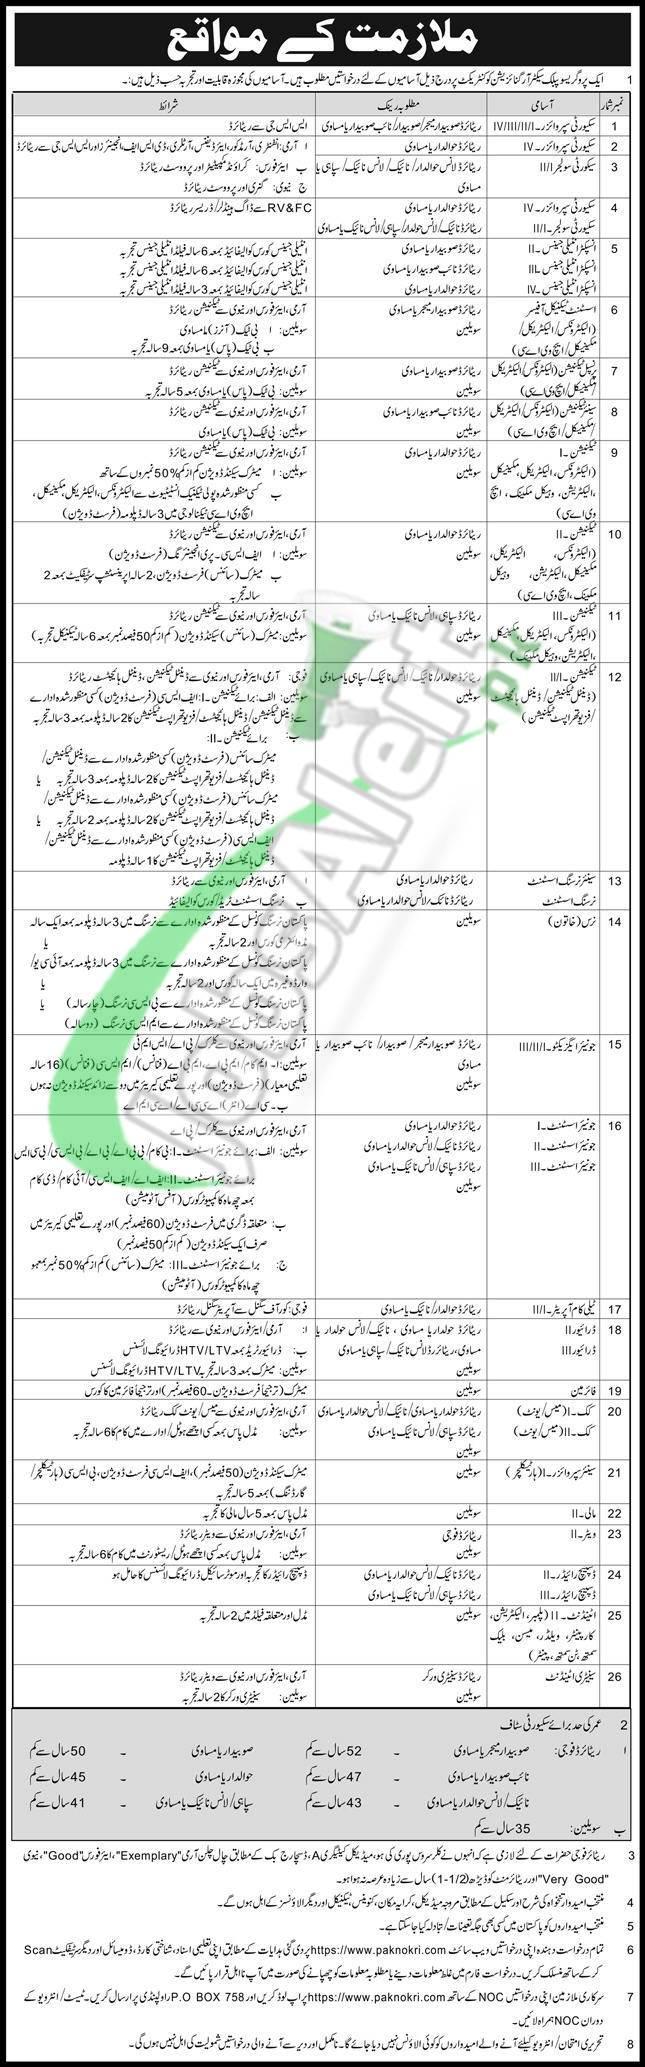 Jobs in PO Box 758 Rawalpindi